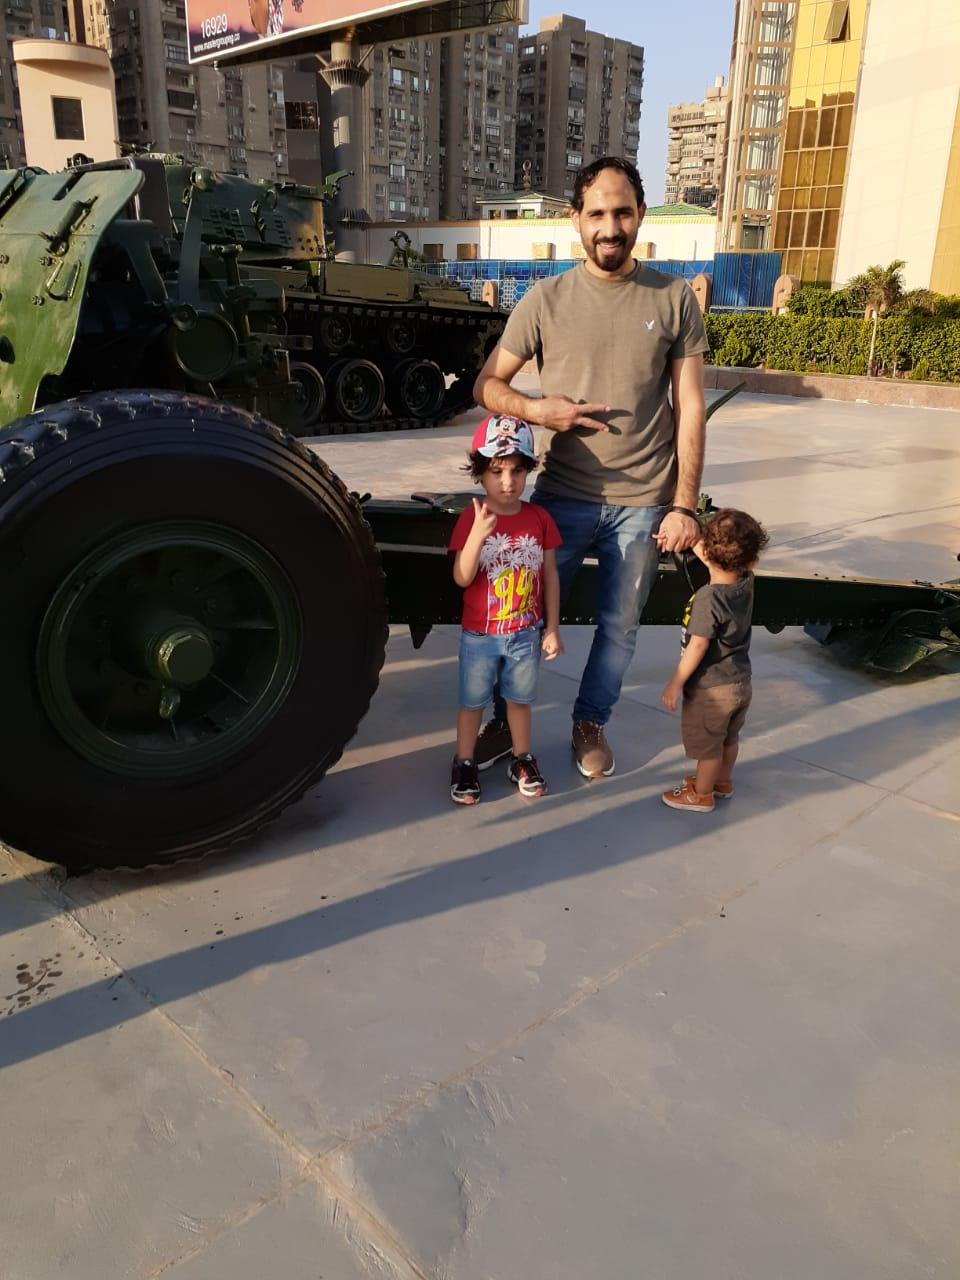 محمود يحتفل مع أطفاله بذكرى النصر فى بانوراما أكتوبر (1)